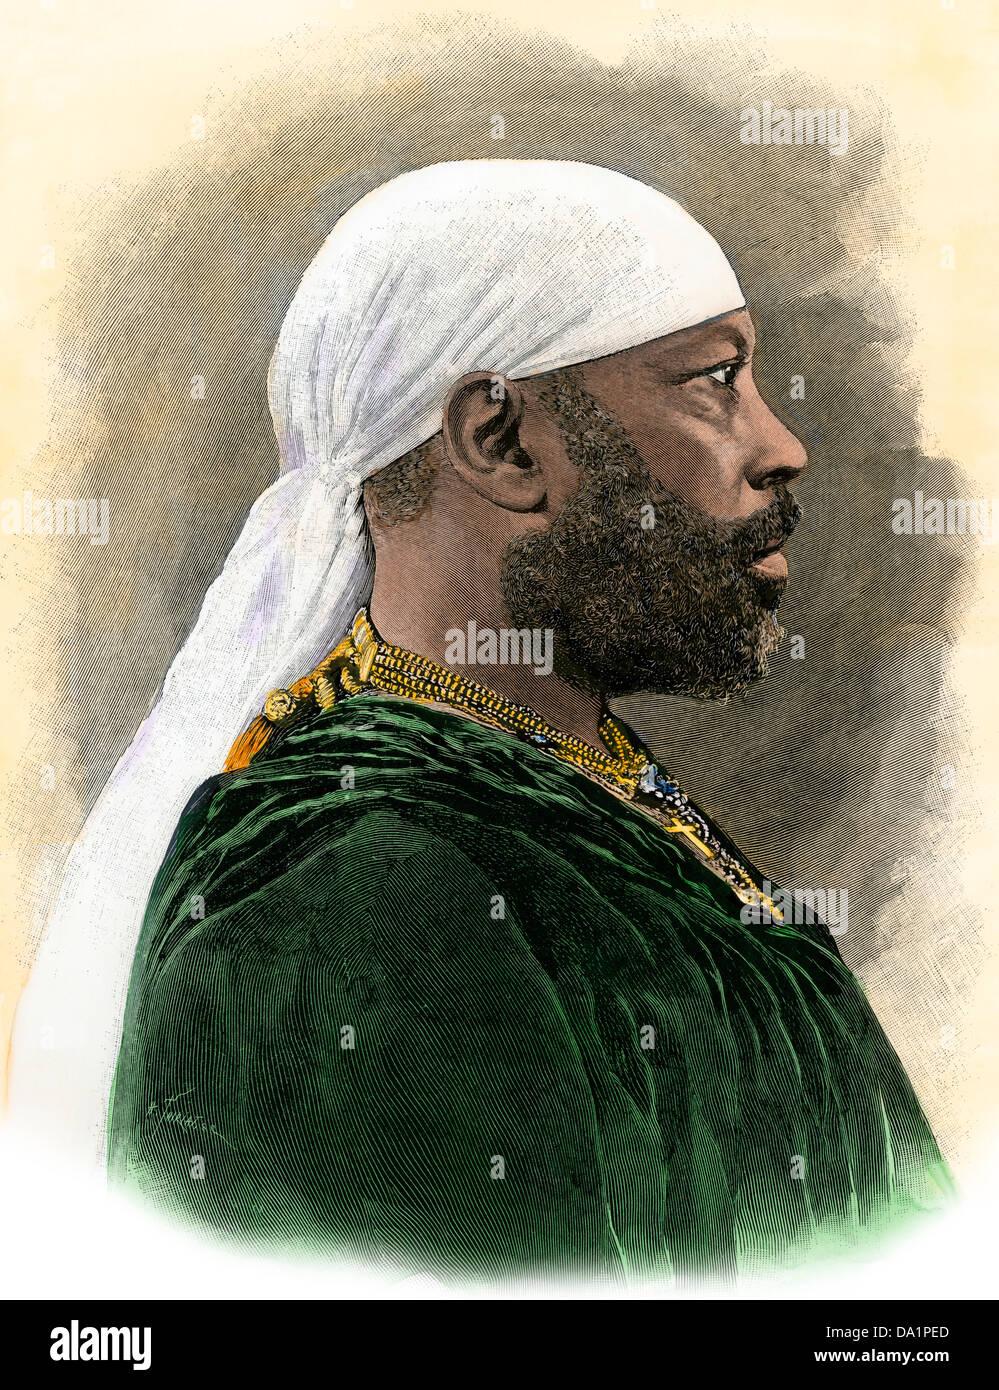 Menelik II, emperor of Ethiopia, 1890s. Hand-colored woodcut - Stock Image